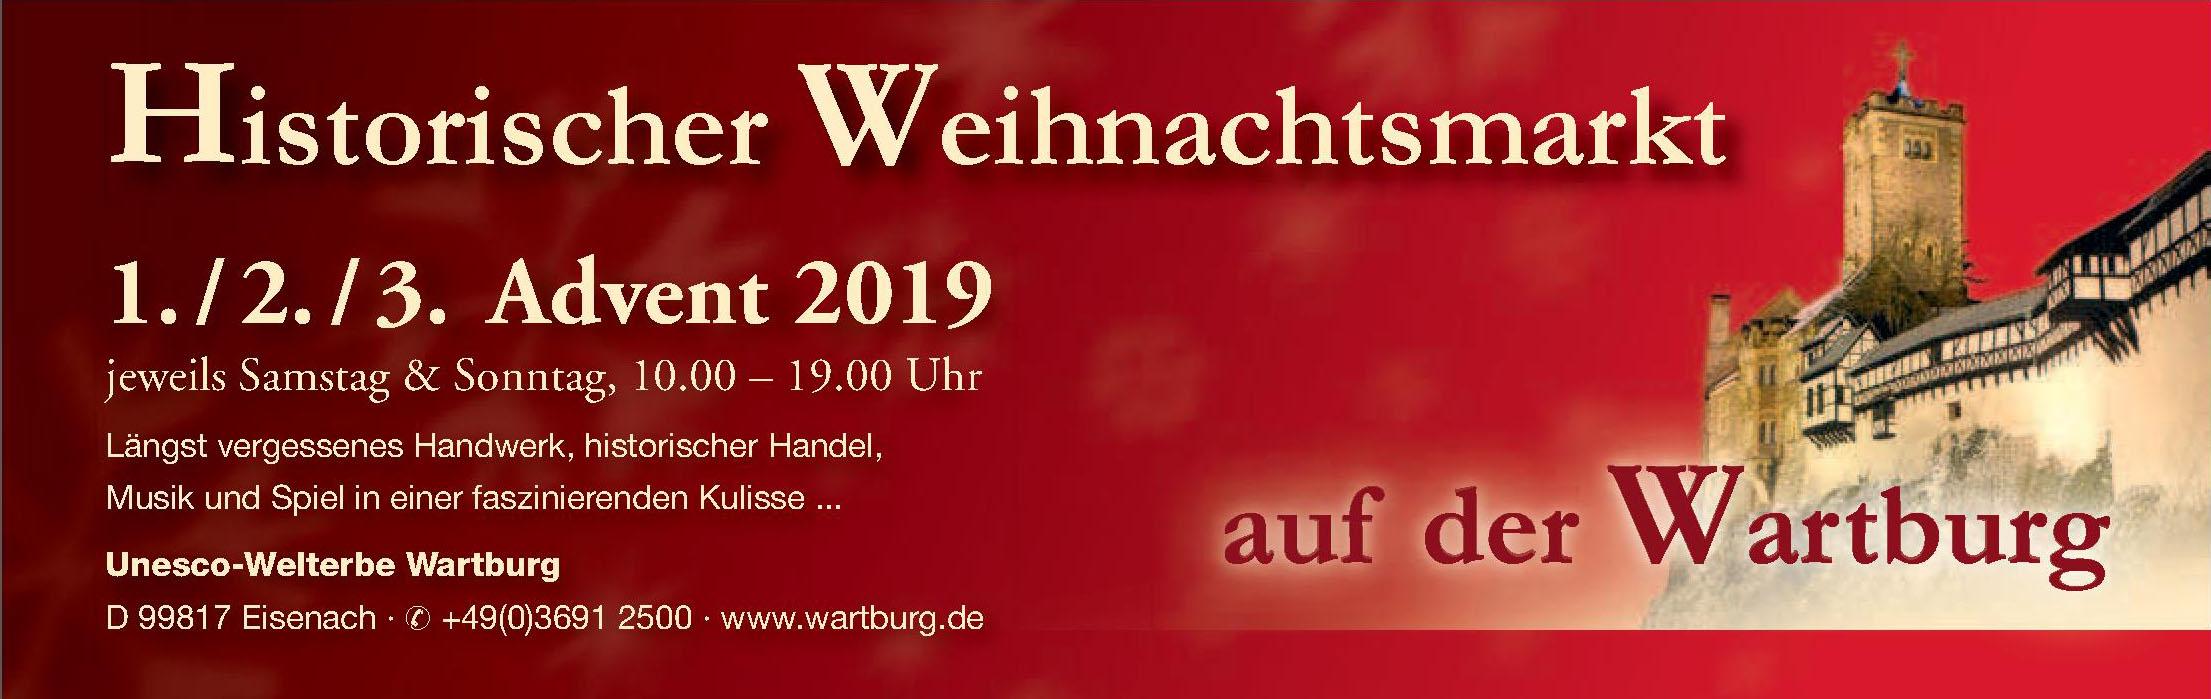 Unesco-Welterbe Wartburg